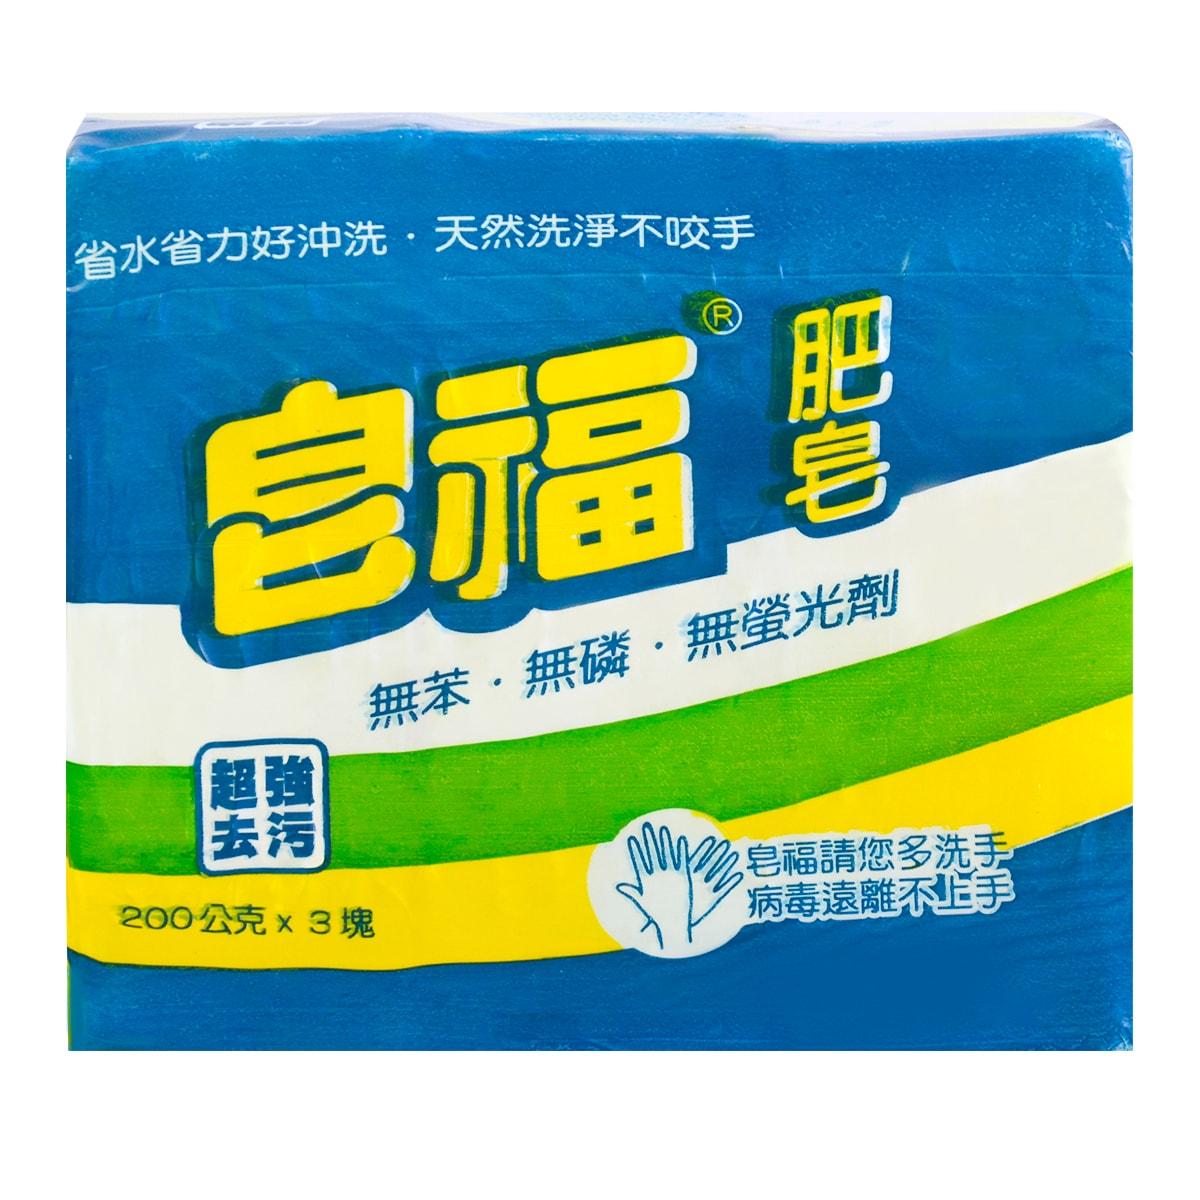 皂福 纯天然植物油配方超强去污肥皂 200g*3